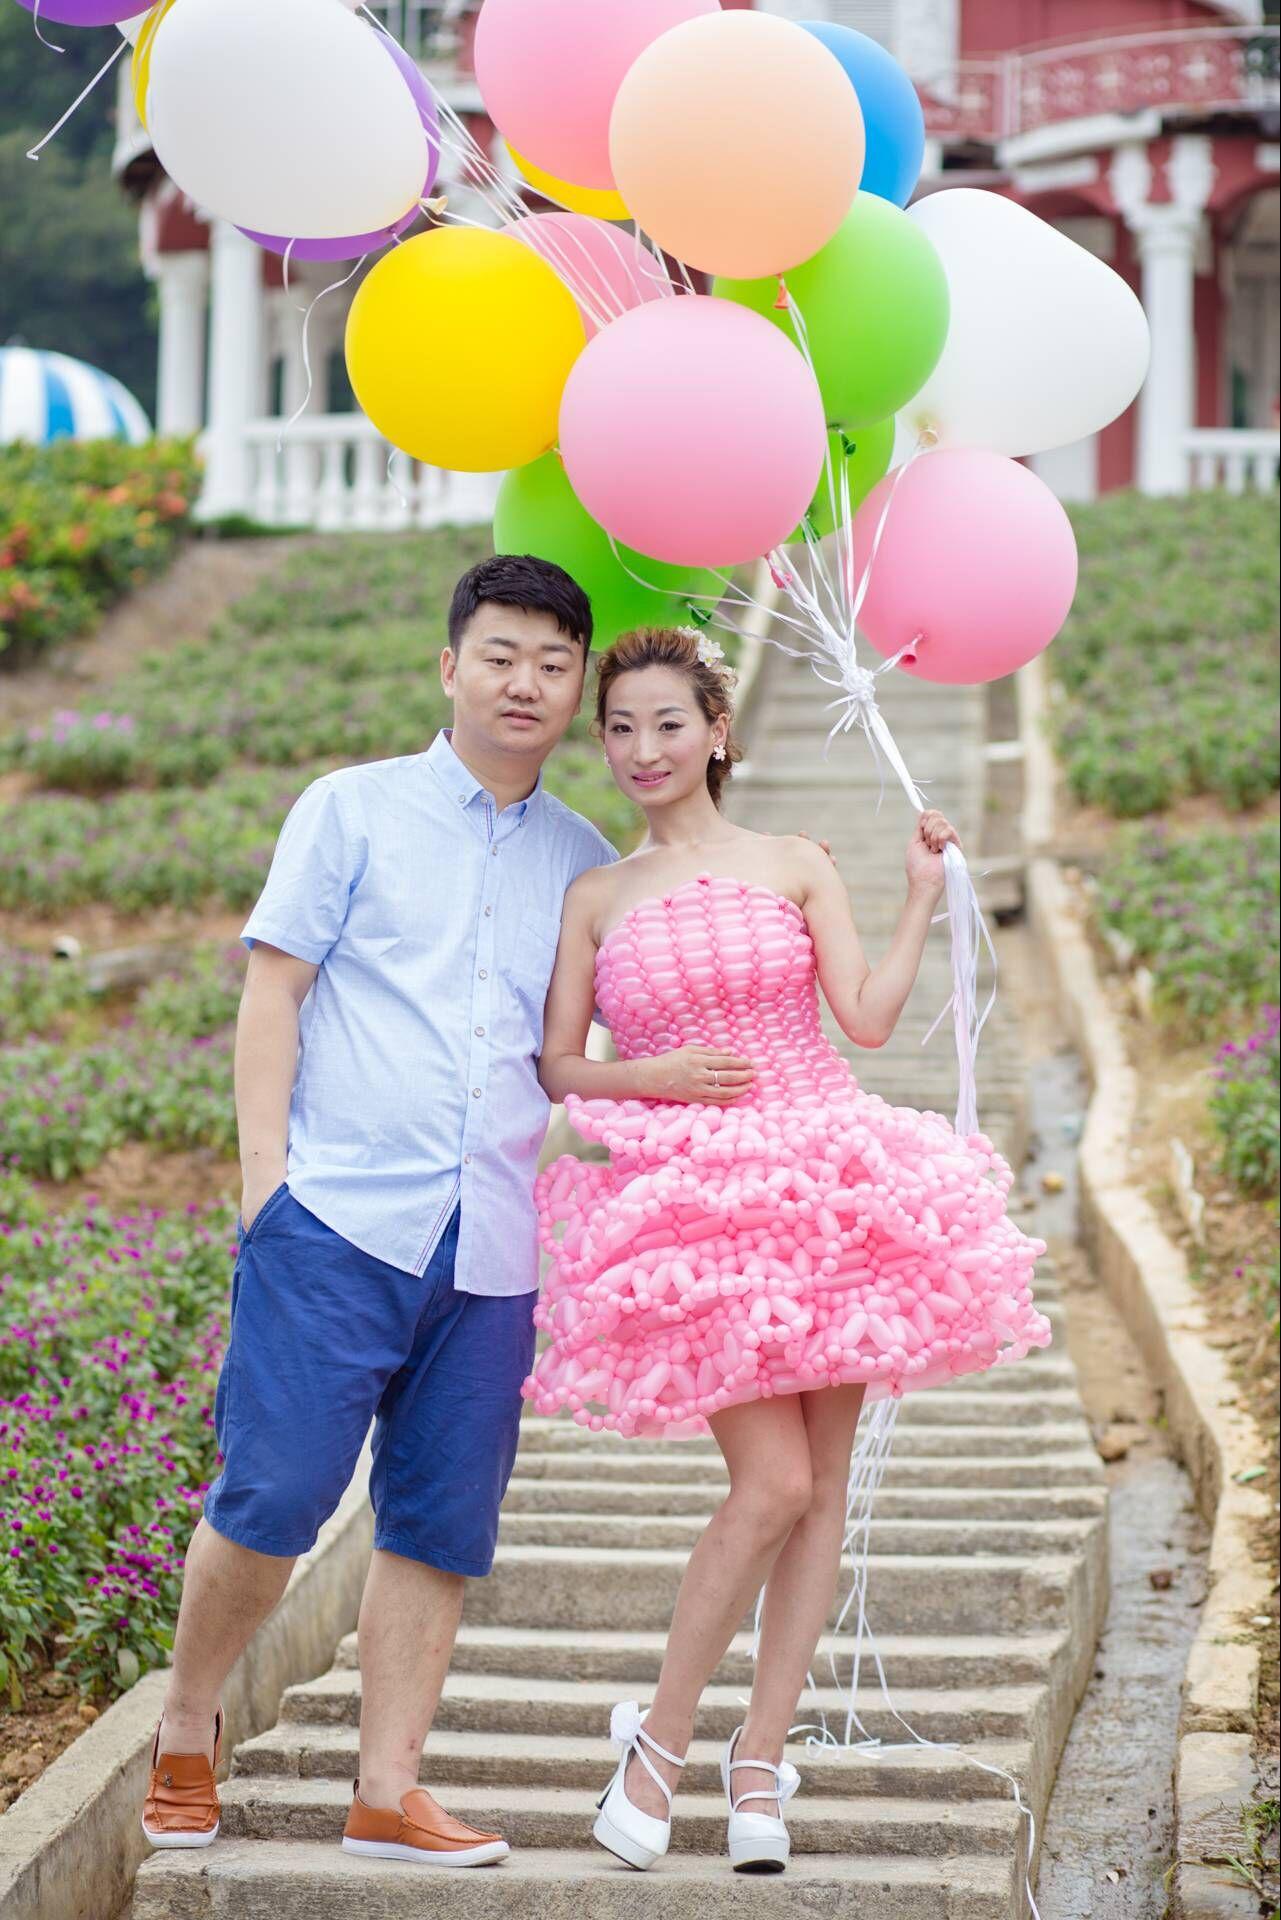 南充氦气球/南充婚礼氦气球/南充告白氦气球